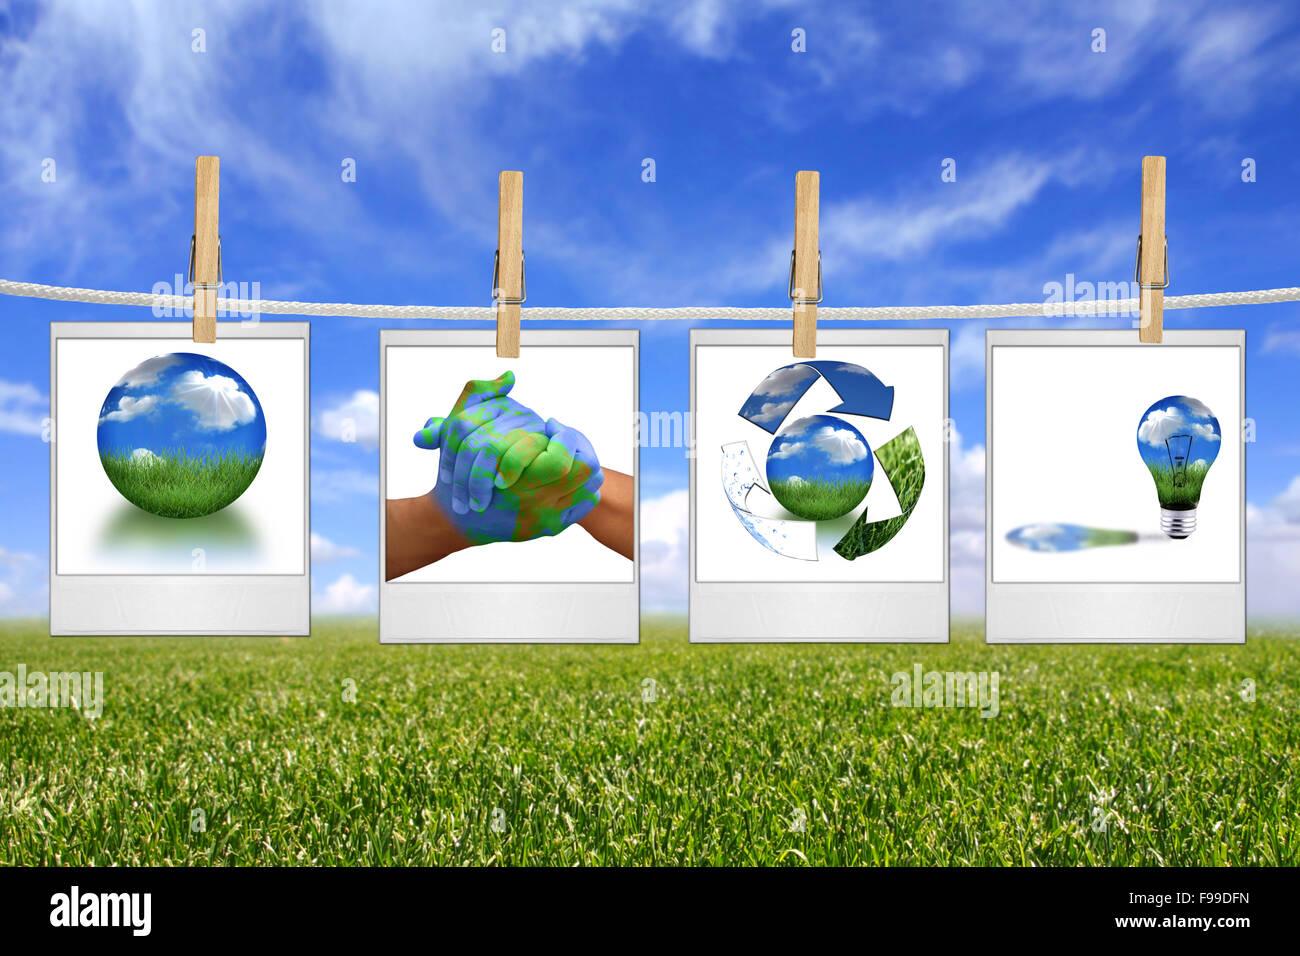 Energia verde Immagini soluzione appeso a una fune Immagini Stock